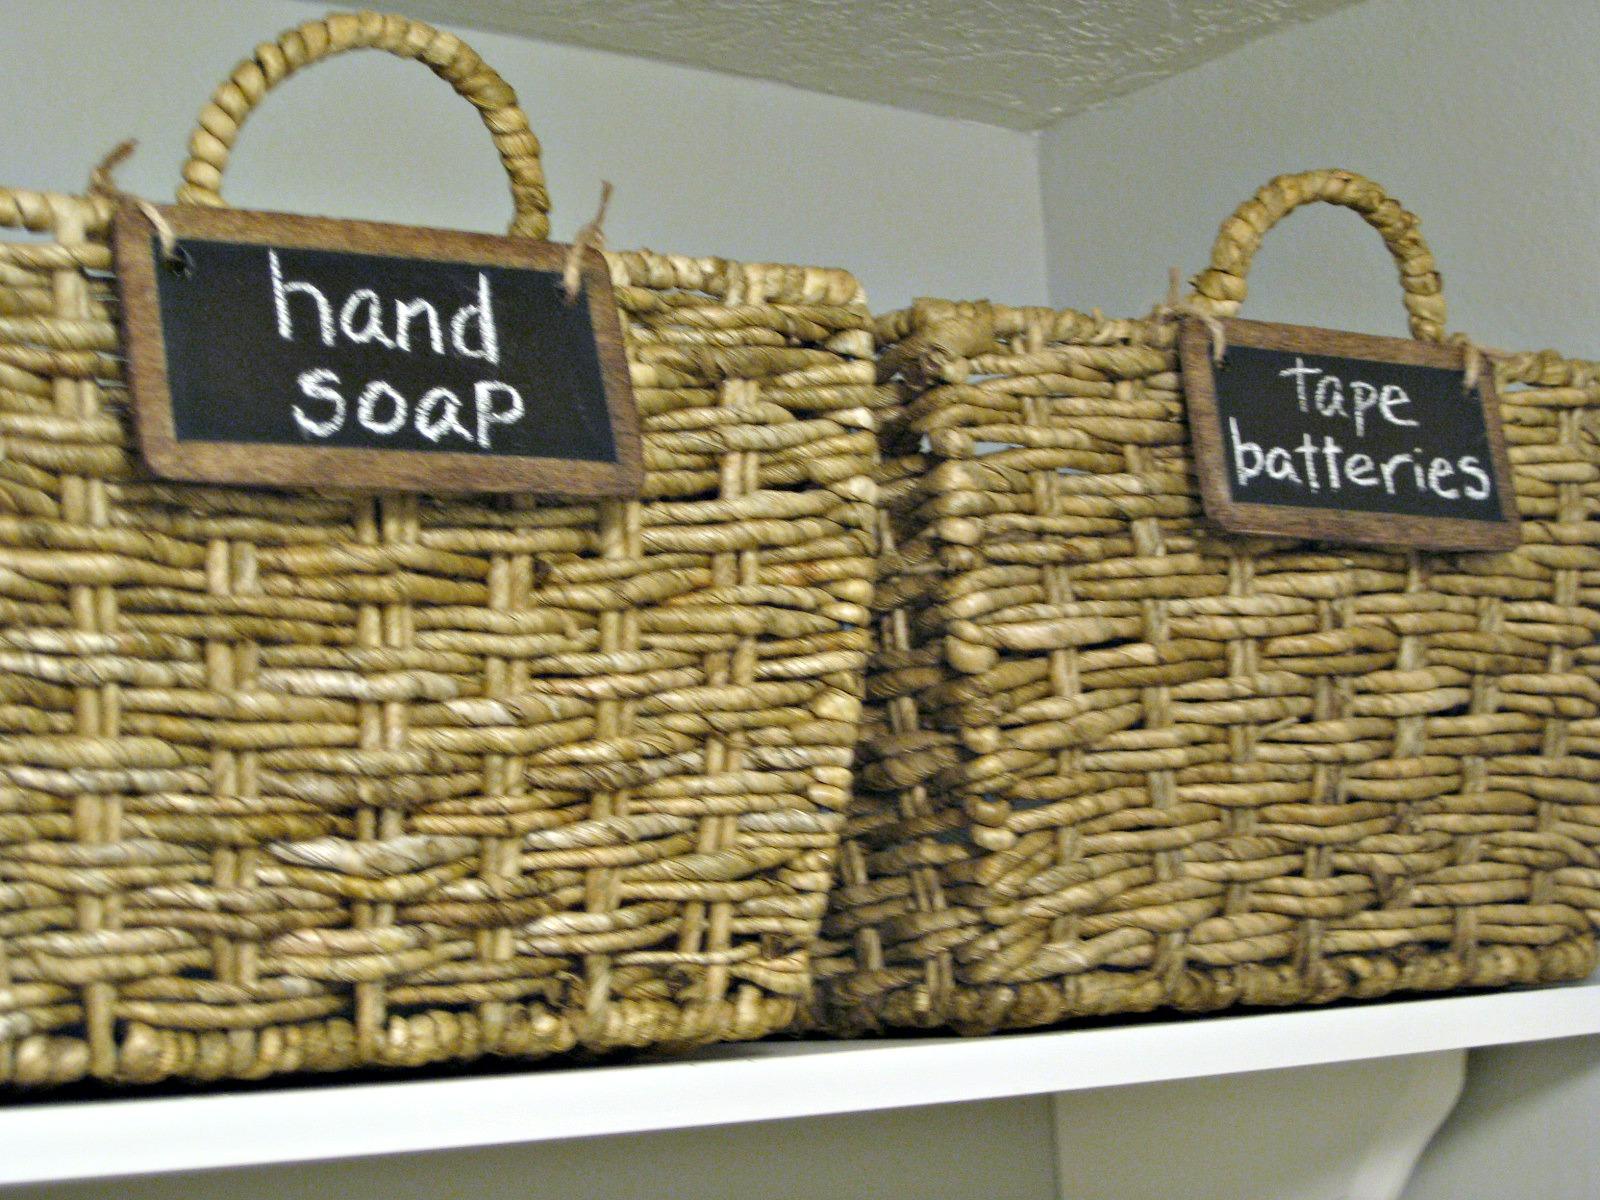 Tda Decorating And Design Chalkboard Basket Labels Tutorial